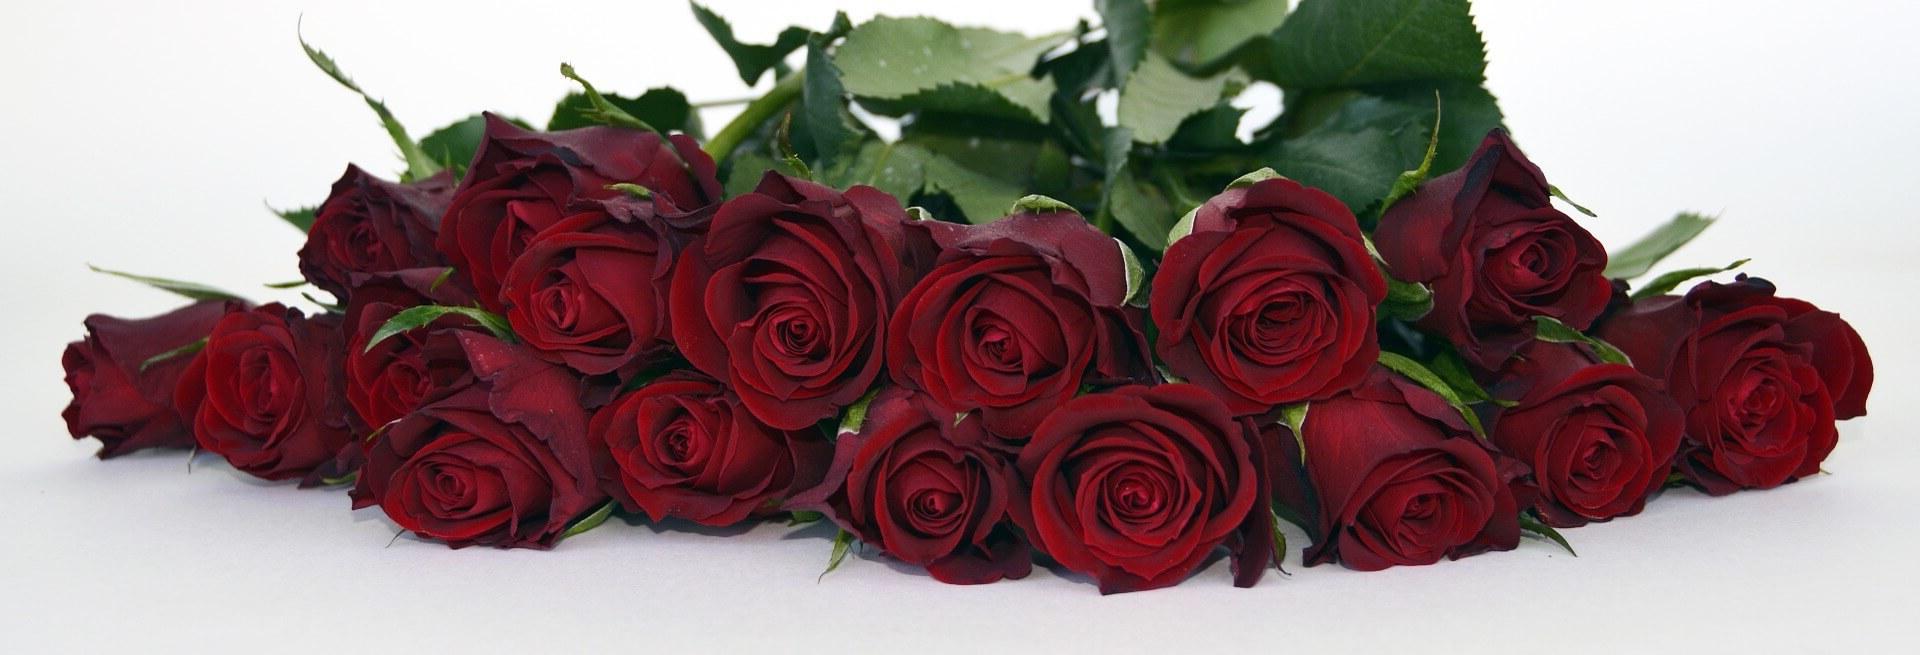 ¿Como enviar ramos de flores a Artazu?